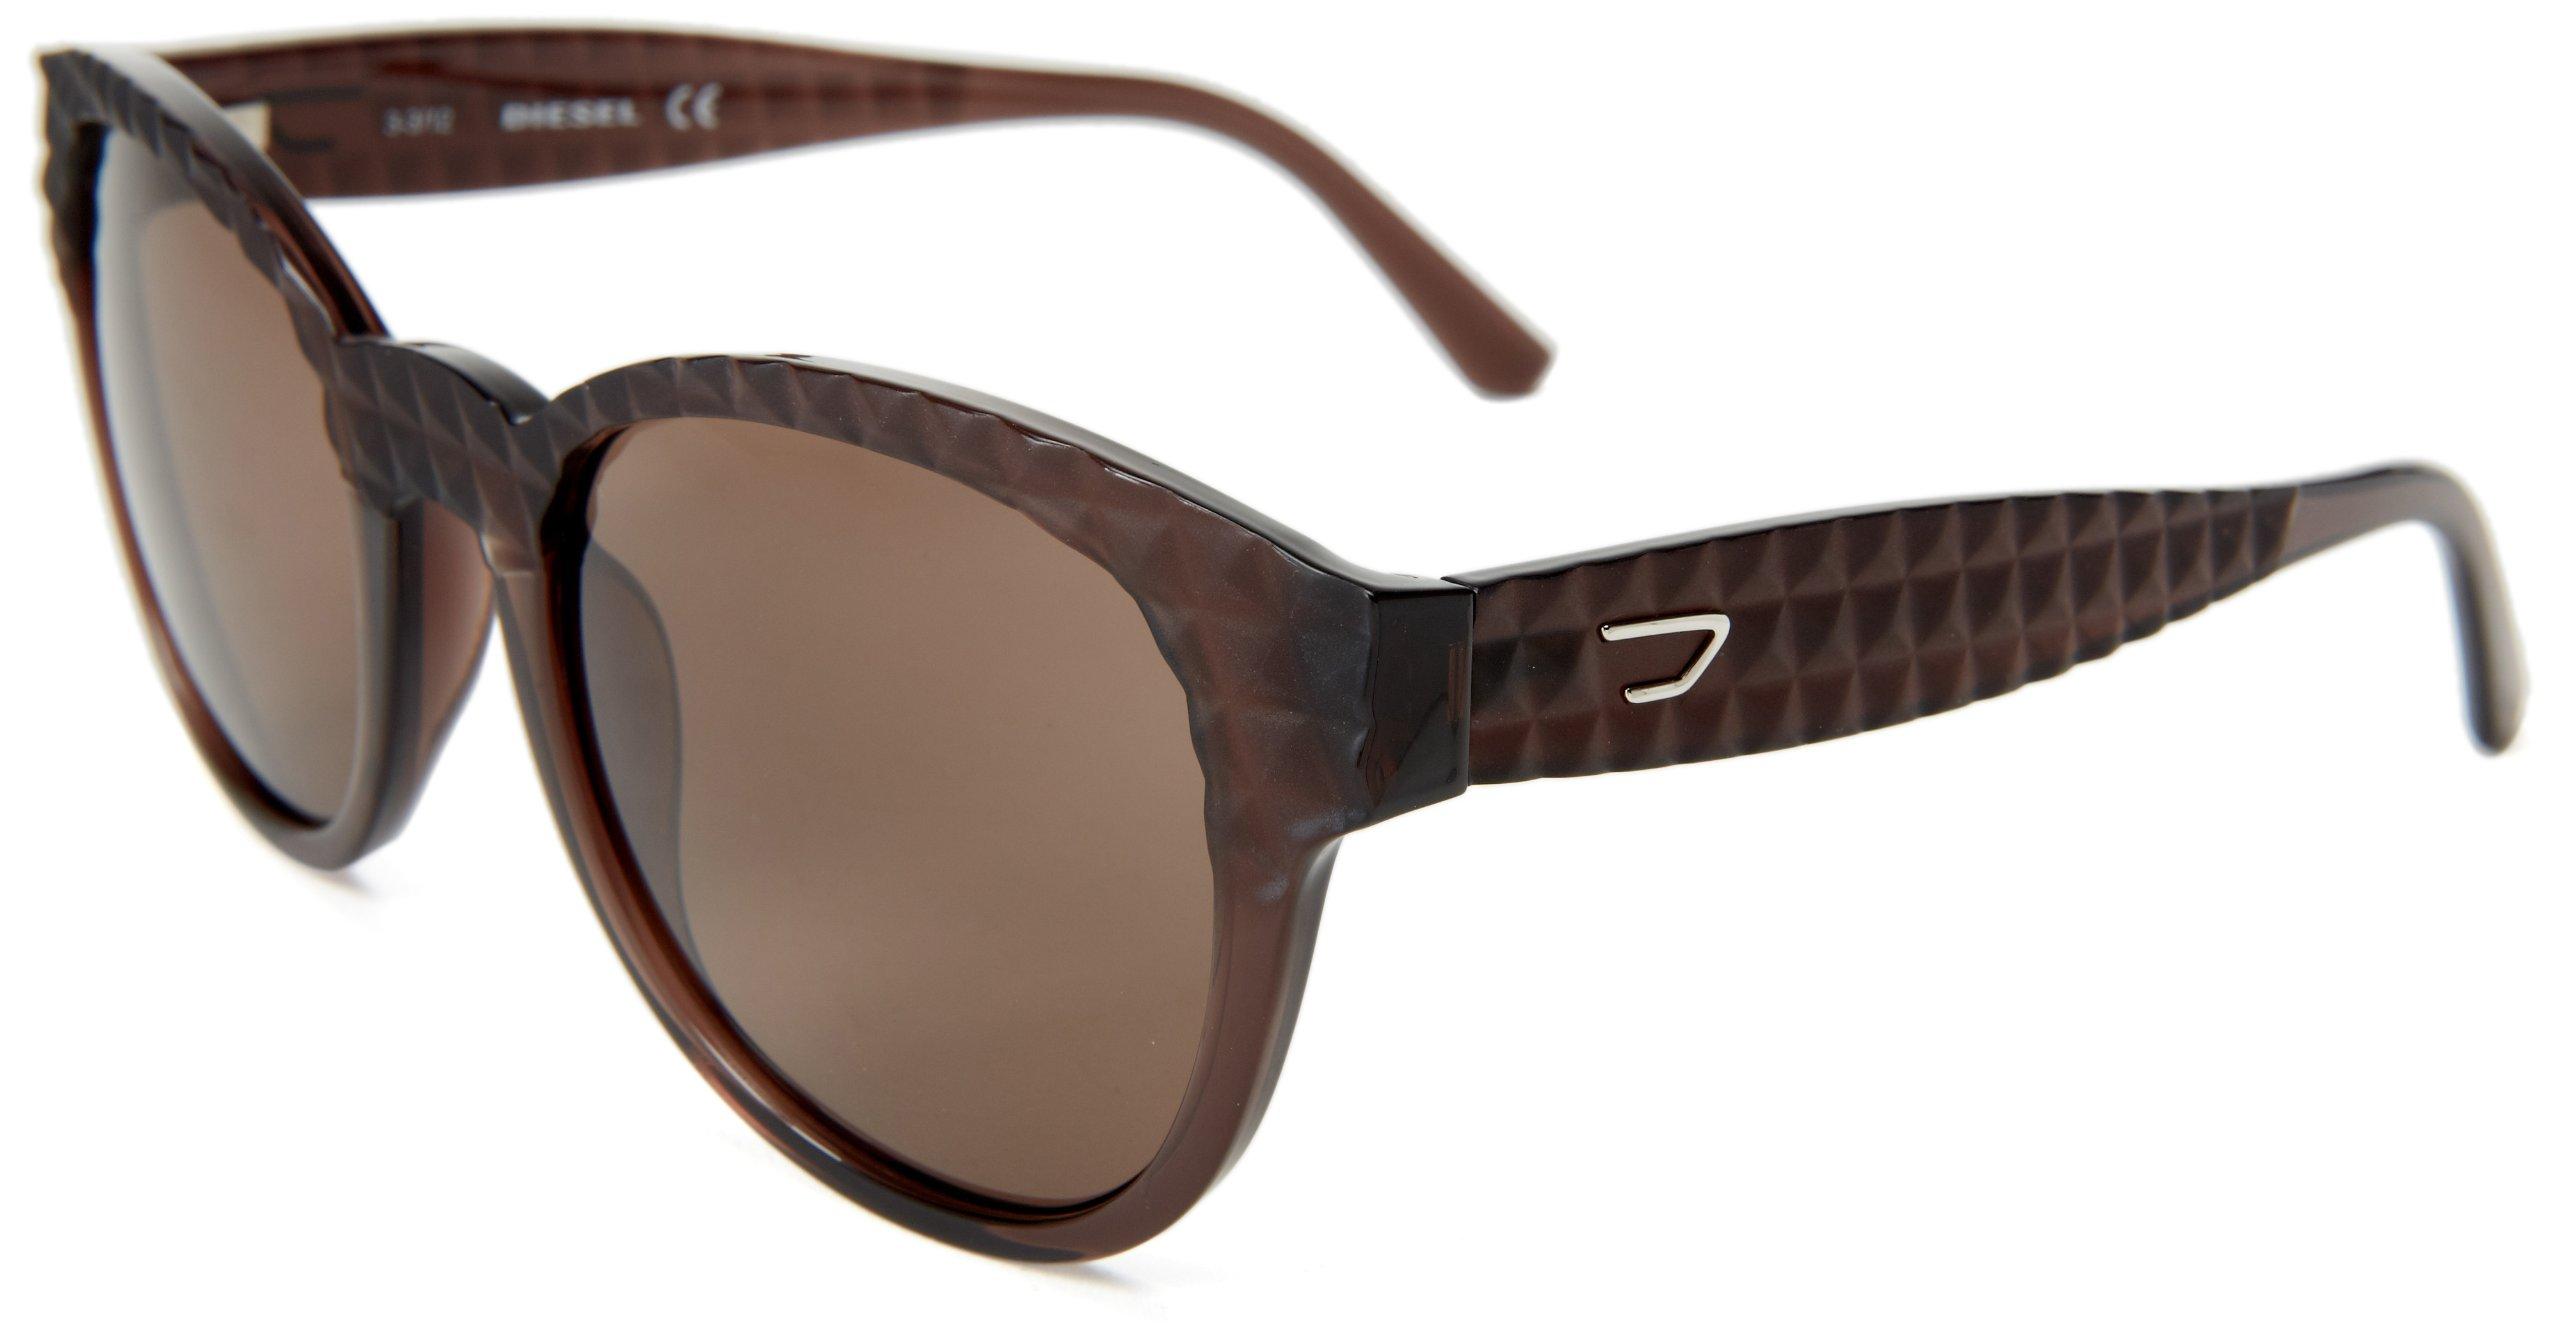 Diesel DL00455448E Round Sunglasses,Brown,54 mm